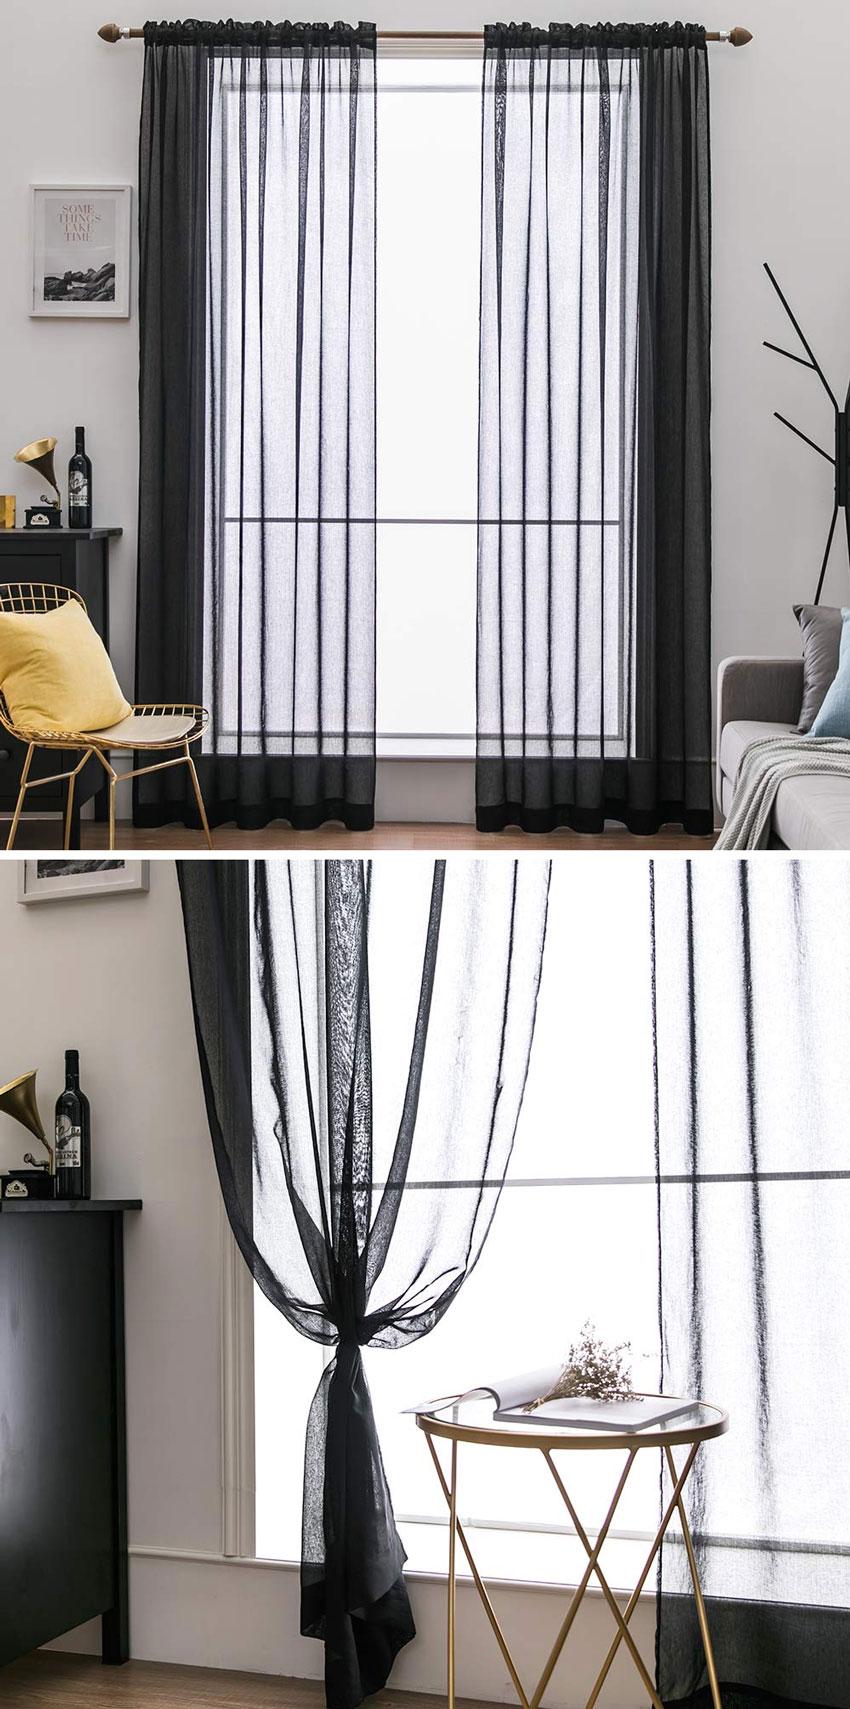 tende per soggiorno moderno nere in tessuto trasparente, ambiente moderno.